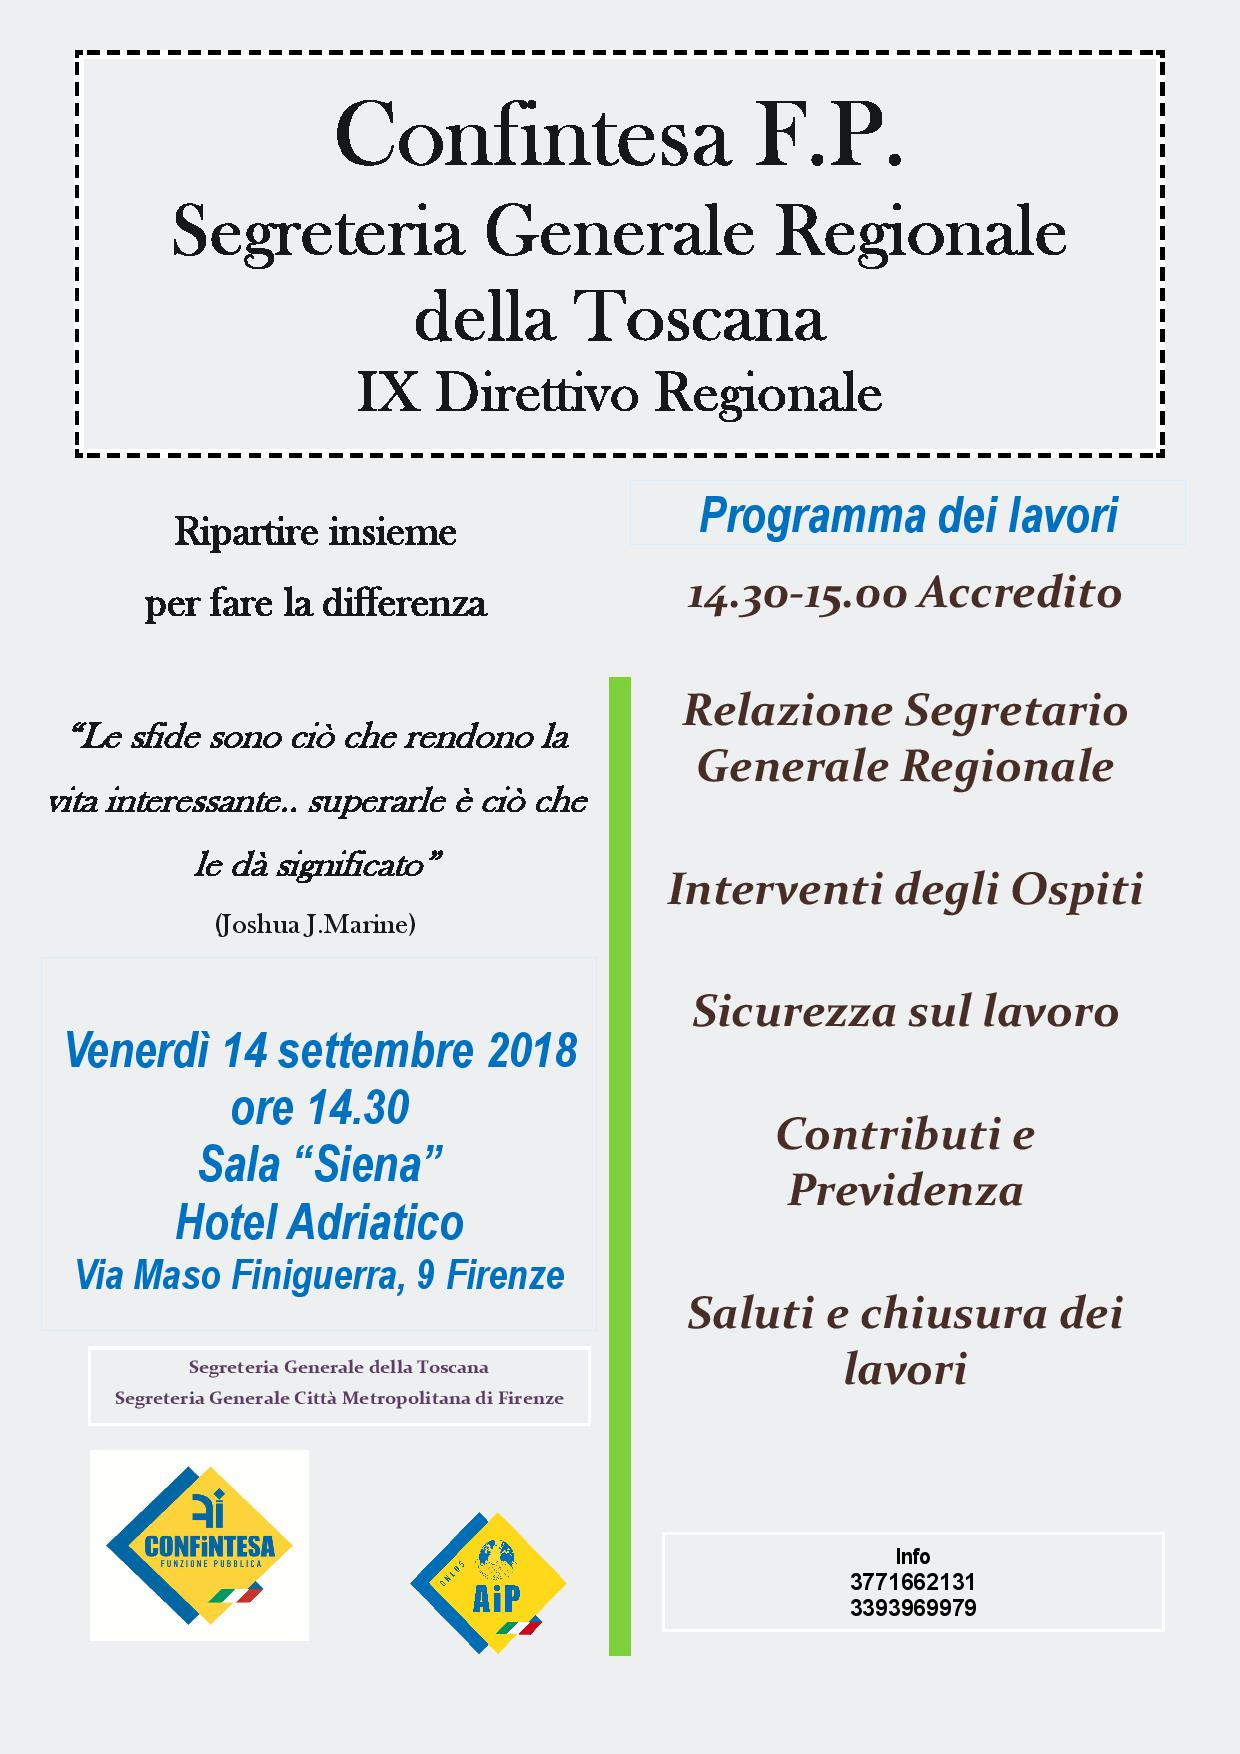 Conferenza di Organizzazione della Toscana e Direttivi Regionali e Provinciali